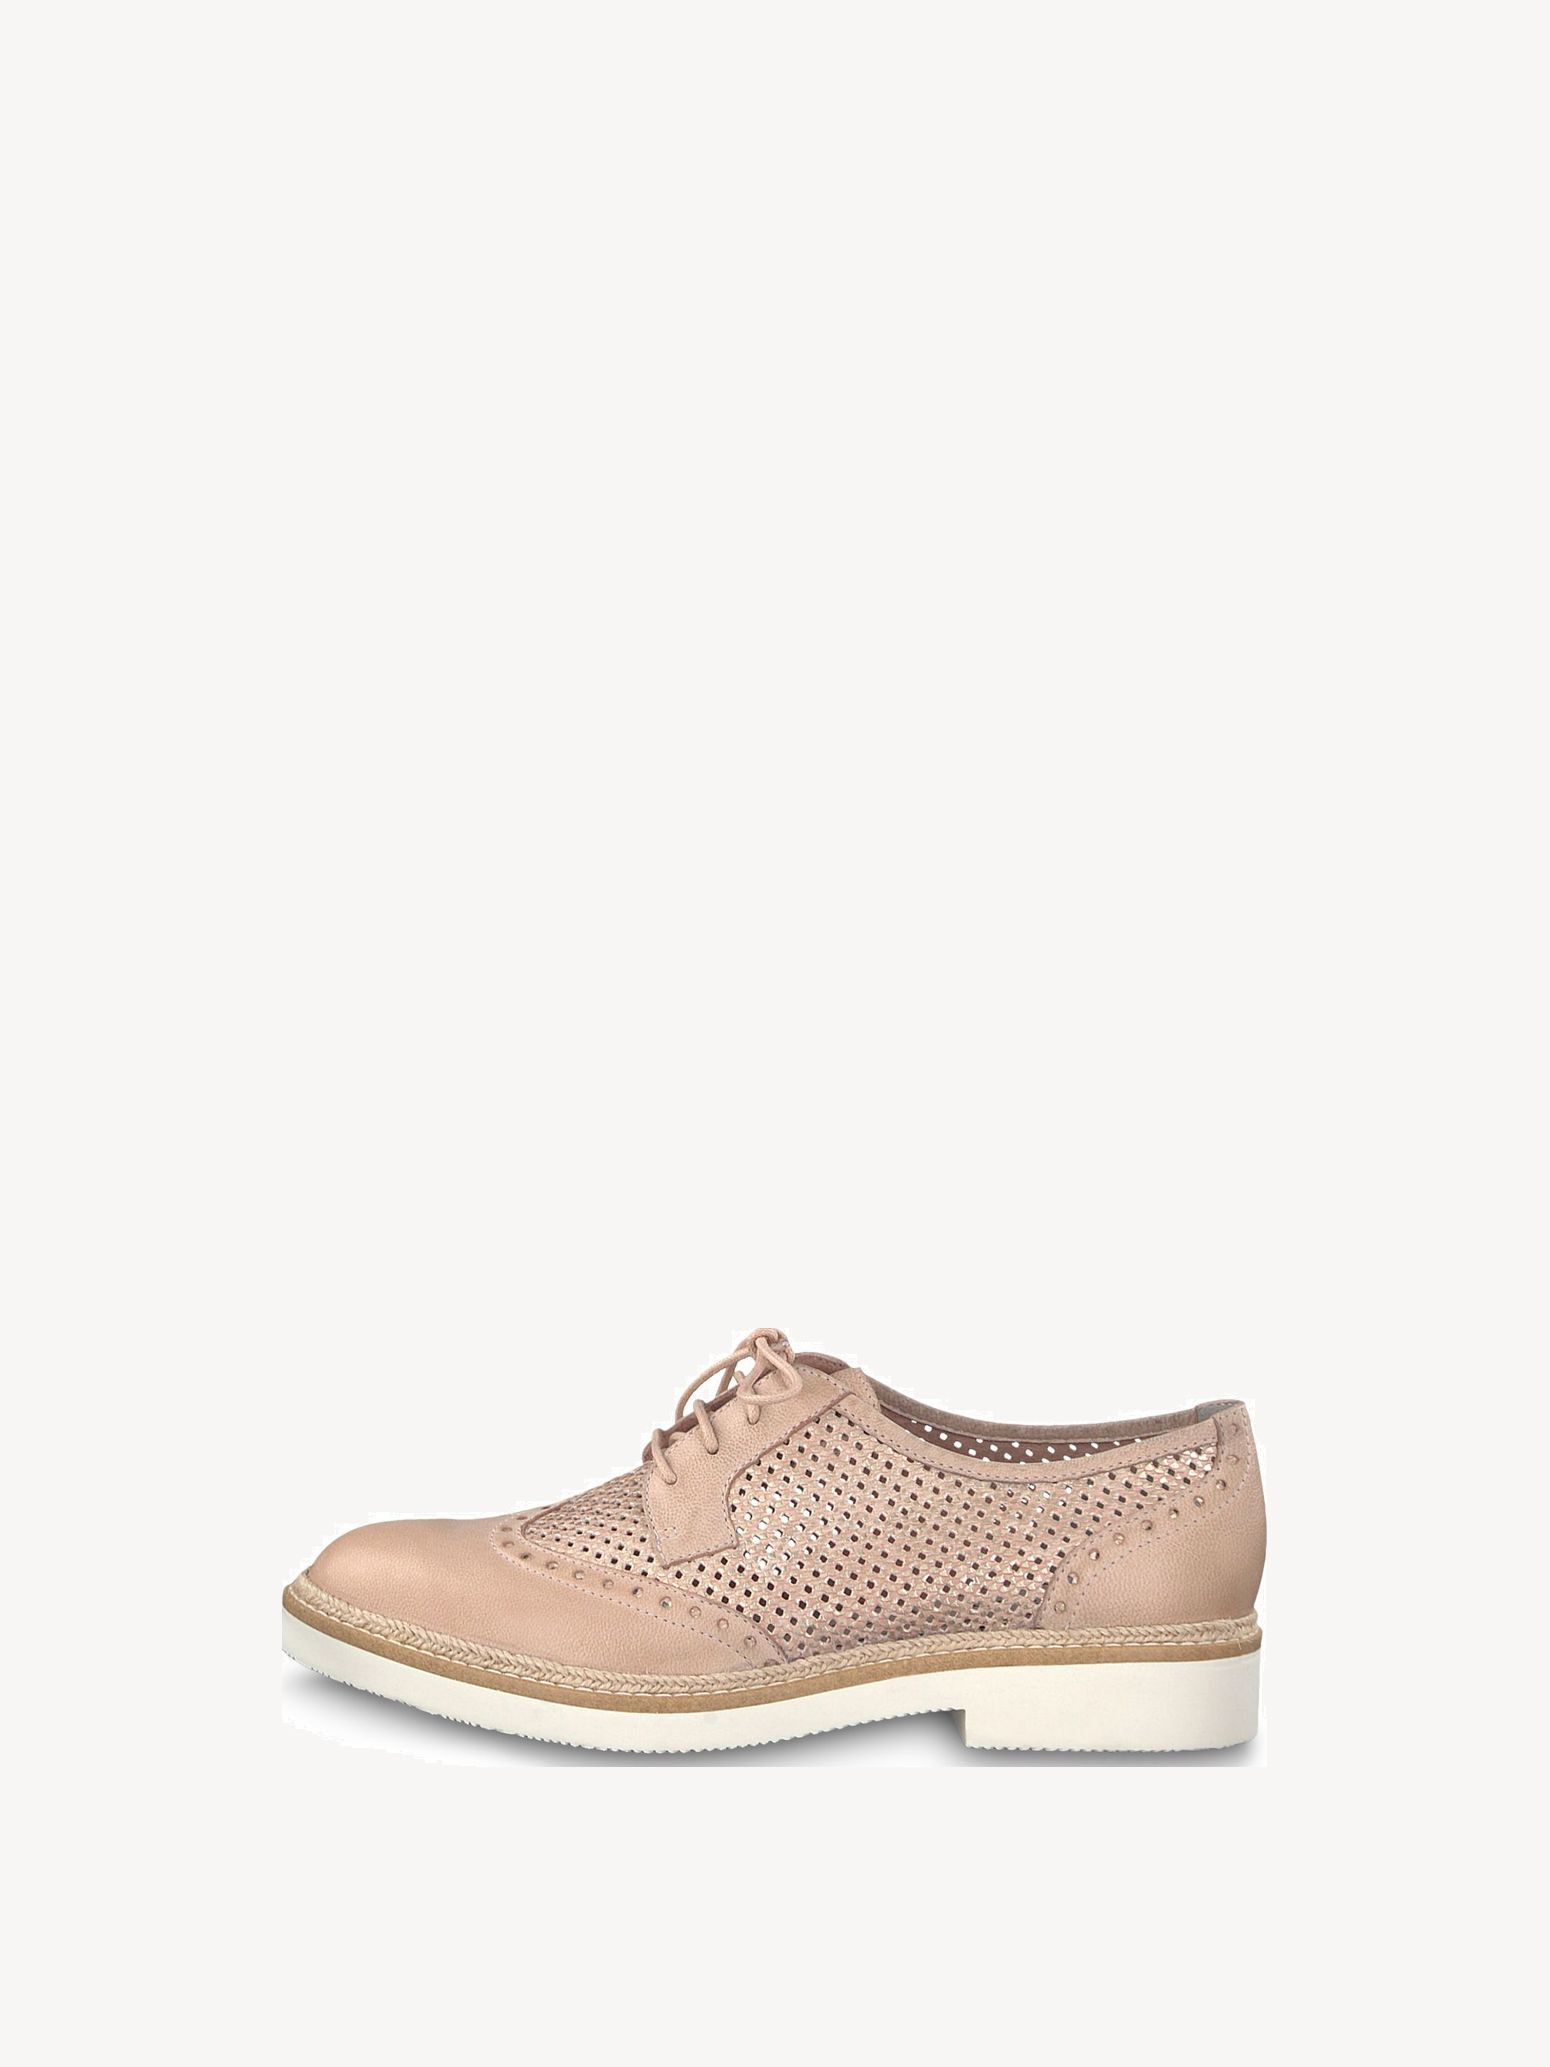 Im Frühjahr und Sommer Damen wies flache Schuhe Leder große Zahl gut mit Frauen Schuhe, schwarz, 42 lackiert